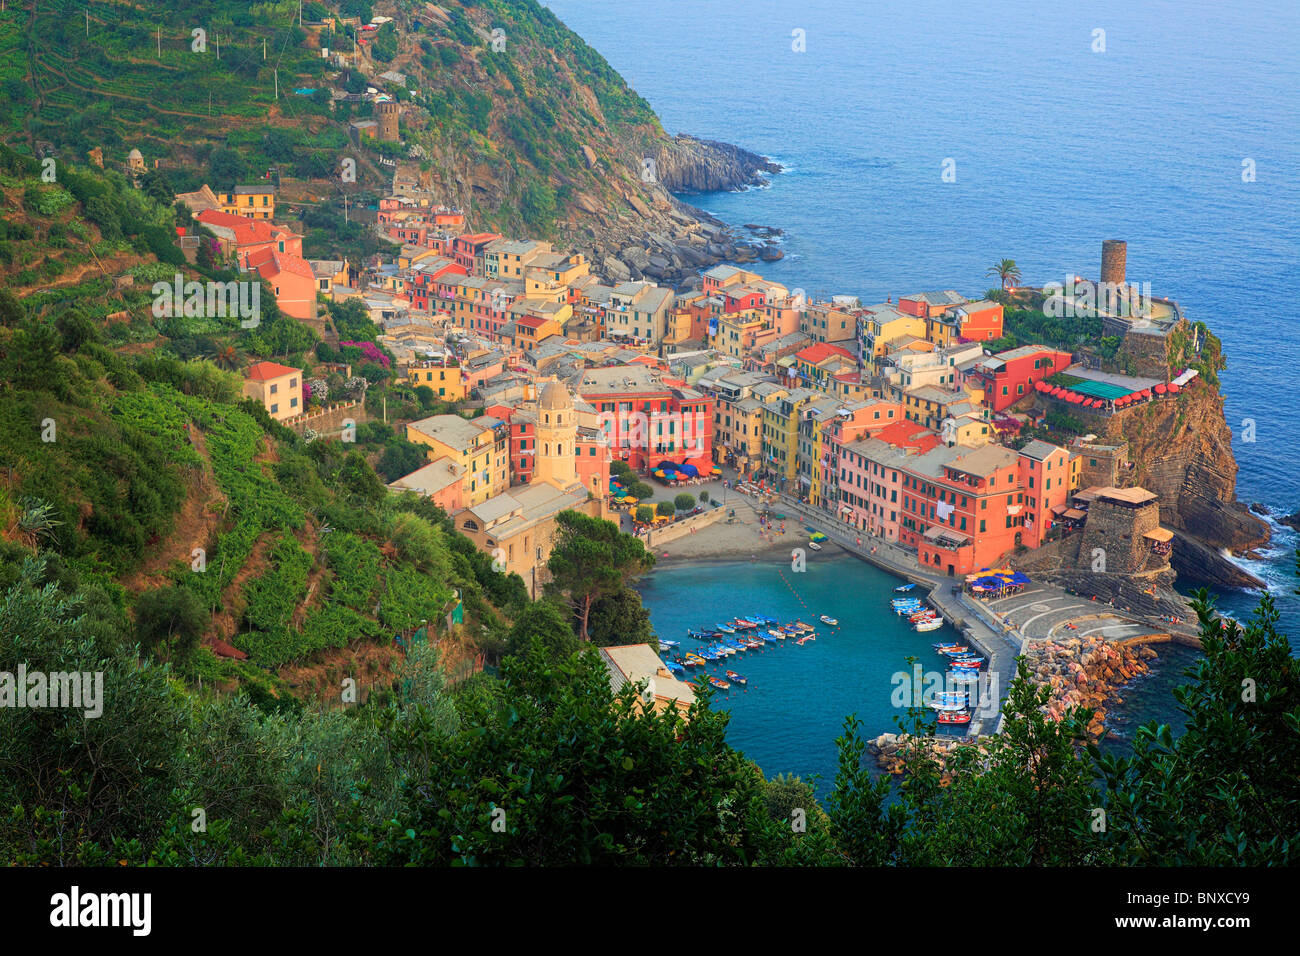 Nel tardo pomeriggio a Vernazza, una piccola città in Italia del Parco Nazionale delle Cinque Terre. Immagini Stock